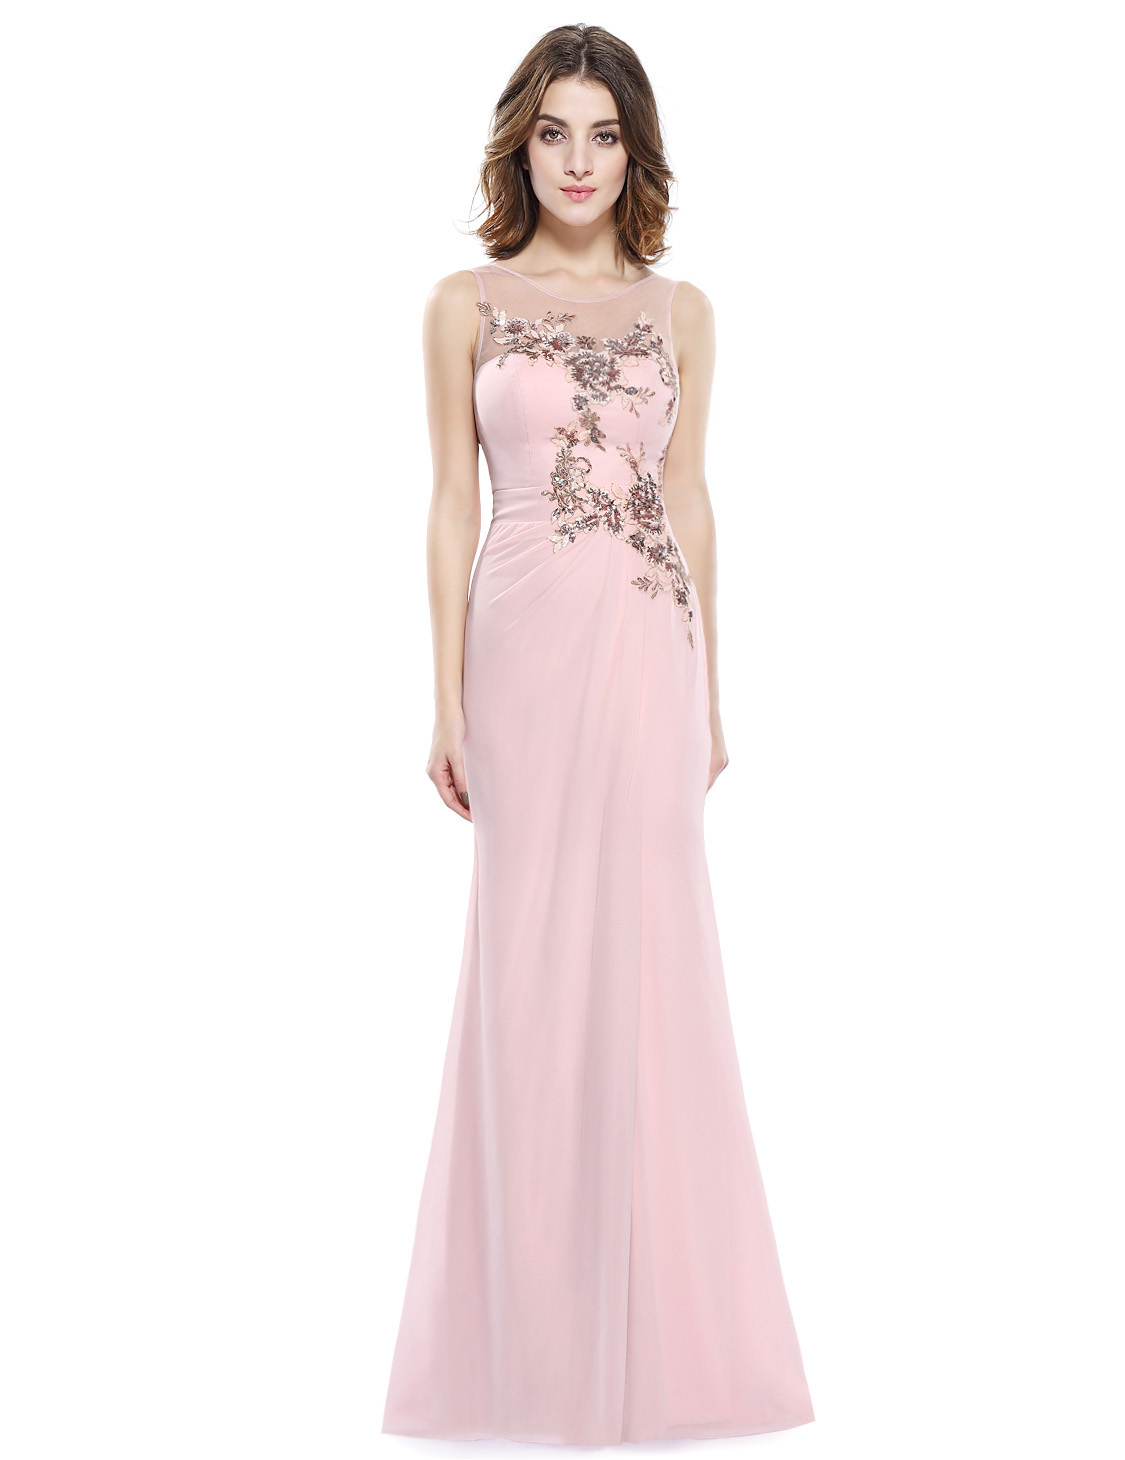 Luxusní růžové šaty 44 XXL na ples věneček svatbu  6d10b228dd